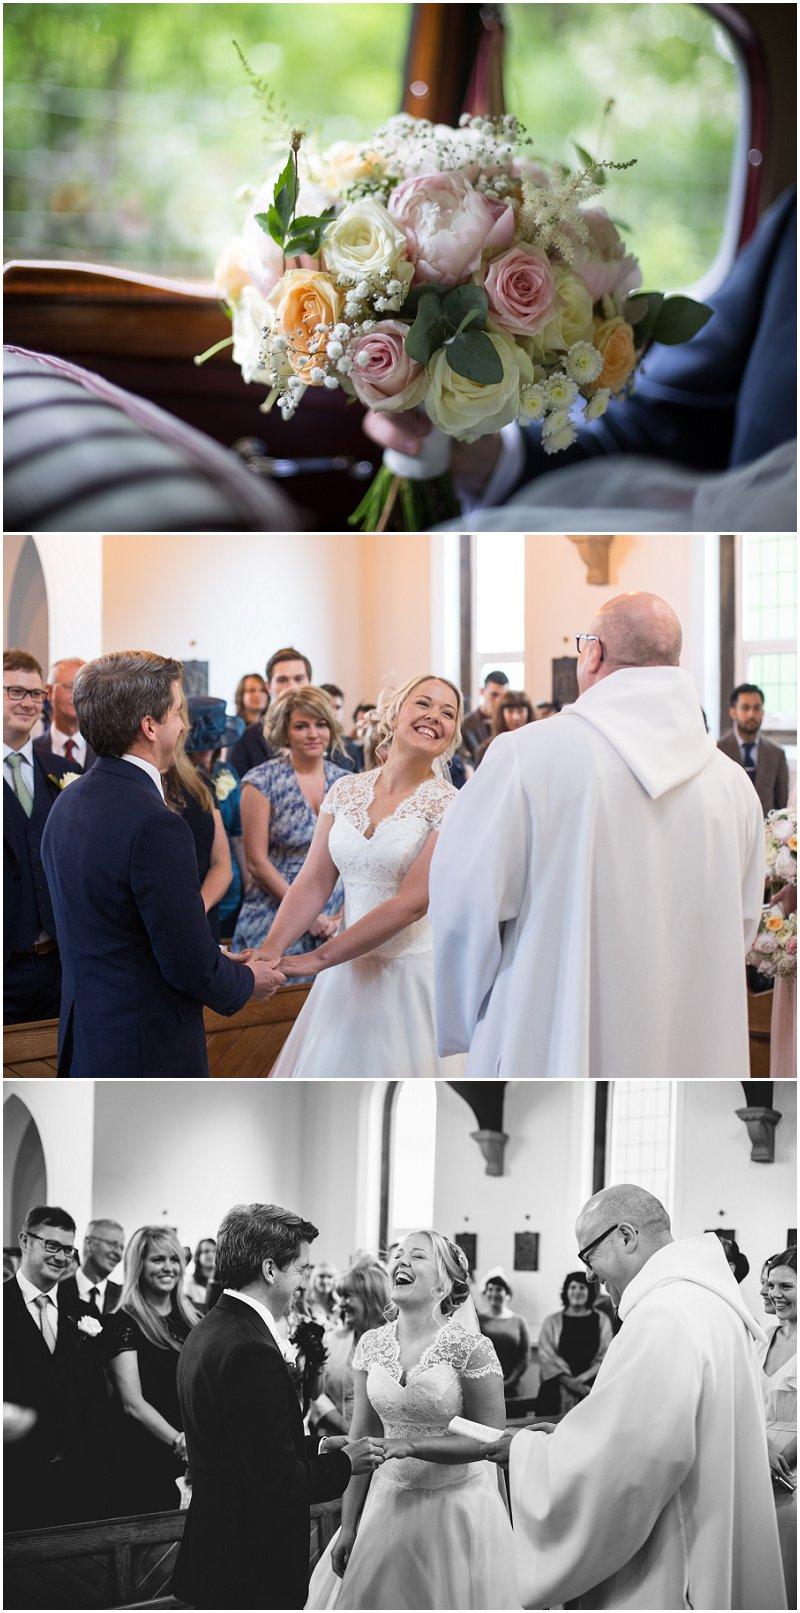 Documentary Wedding Photography Cumbria | Linthwaite House Hotel Wedding Photographer